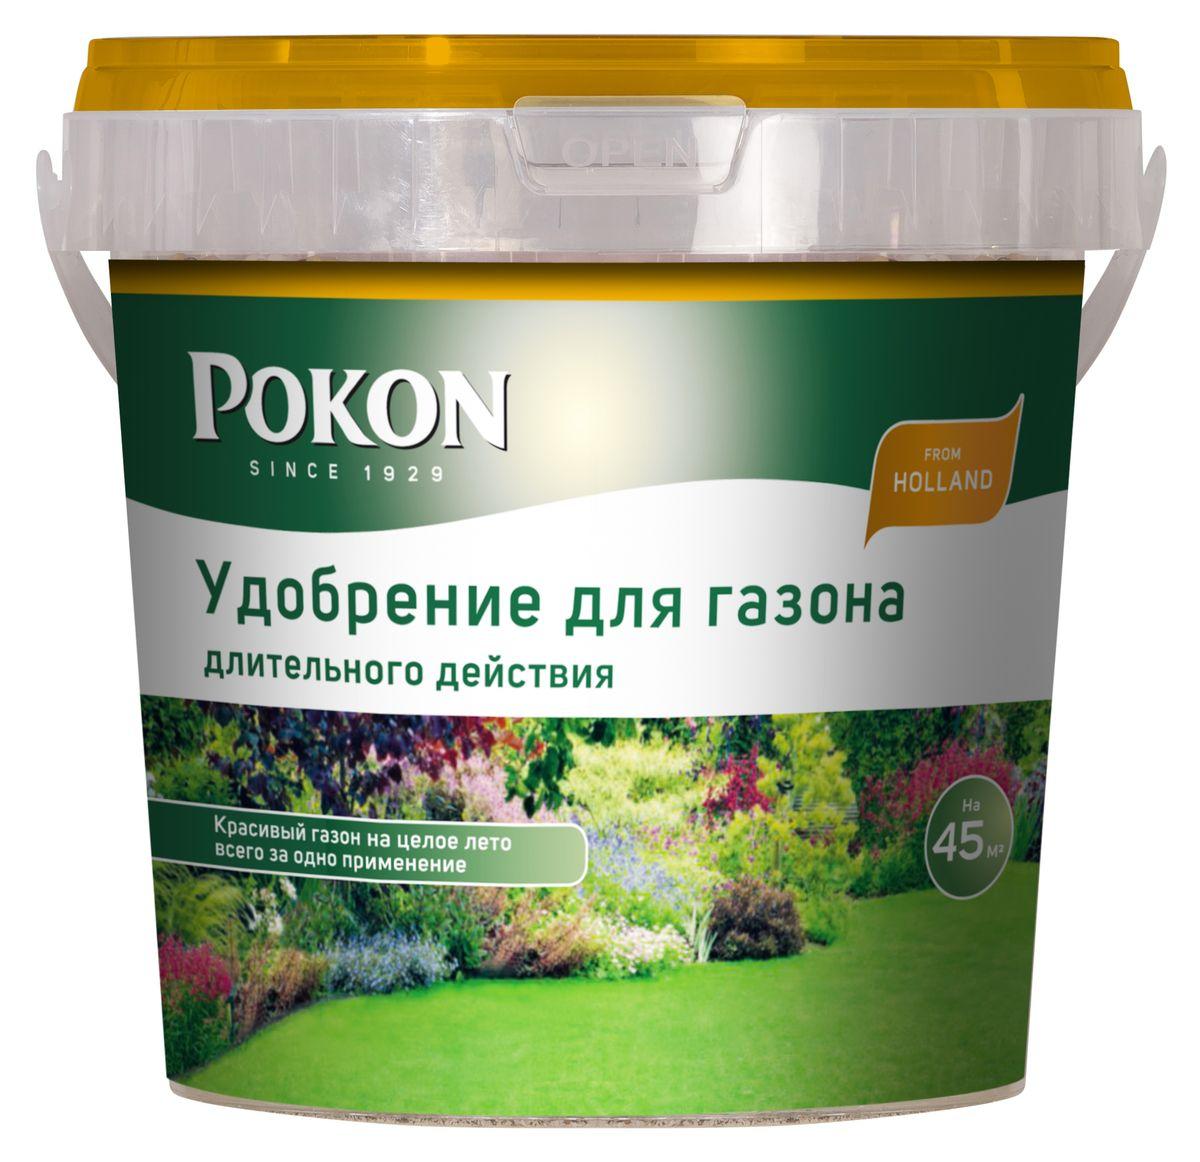 Удобрение Pokon для газонов длительного действия, 900 г8711969016071Удобрение Pokon для газона длительного действия NPK 30 + 7 + 8 и с добавкой 2 MgO + 9 SO3 Удобрение Pokon для газона длительного действия содержит все необходимое для того, чтобы ваш газон оставался насыщенно зеленым все лето. Всего одна подкормка, и под воздействием воды и тепла удобрение будет постепенно поступать в почву на протяжении всего сезона. Инструкции по применению: Предпочтительно использовать весной или при закладке нового газона. 1. Отмерьте необходимое количество удобрения. 2. Распределите гранулы равномерно по поверхности участка. 3. Разрыхлите грунт для того, чтобы гранулы проникли в верхний слой почвы. 4. Полейте растение, тем самым активируя действие удобрения. Состав: Питательная смесь с соотношением NPK 30+7+8 +2 MgO+9 SO3 30% Общее содержание азота (N) 0,5% Нитратный азот 2,2% Аммонийный азот 27,3% Мочевинный азот 7% Безводная фосфорная кислота (P2O5), растворимая в нейтральном цитрате...